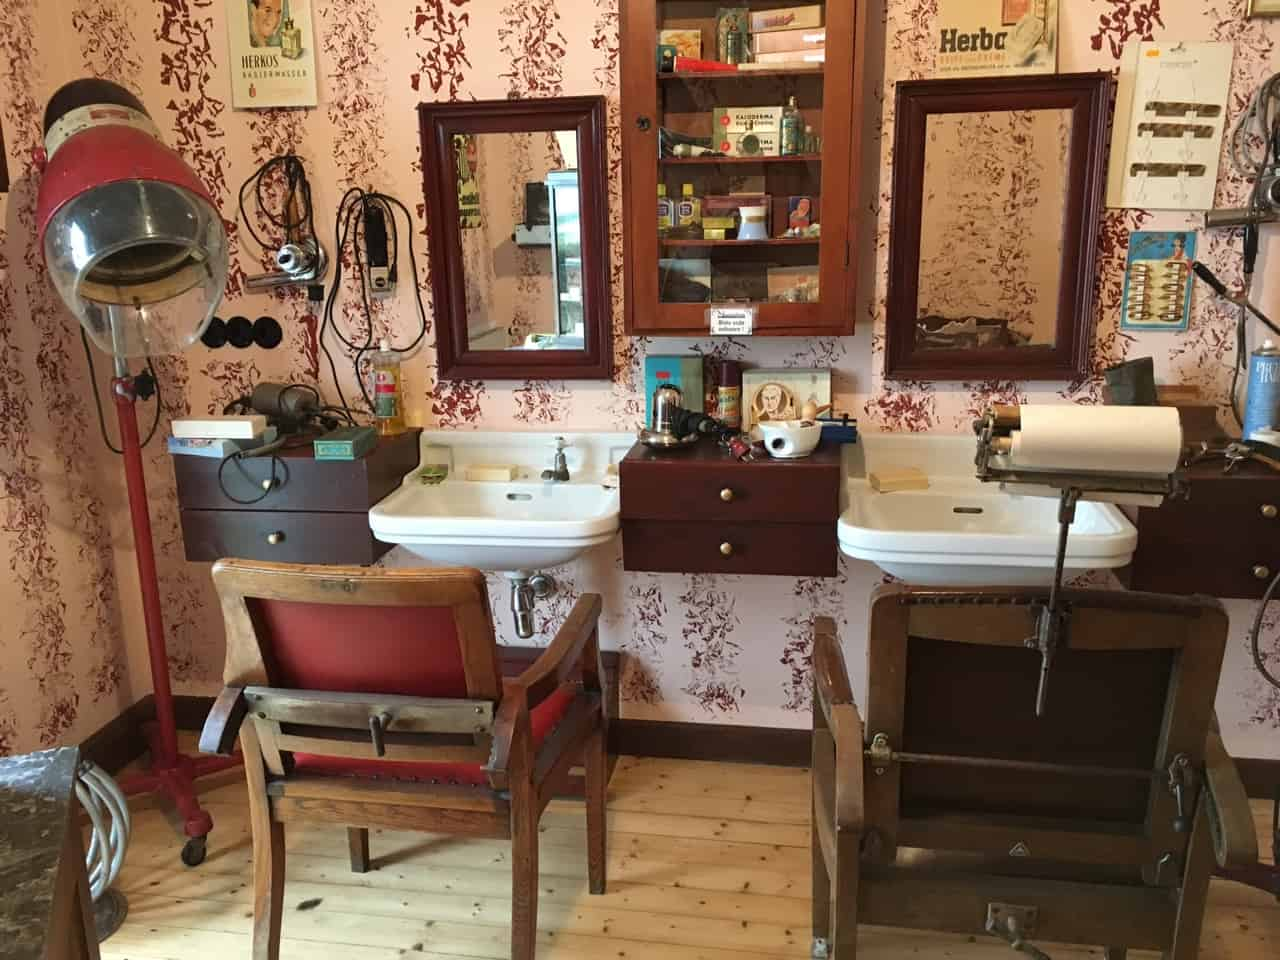 Frisörladen mit Haube und Waschbecken